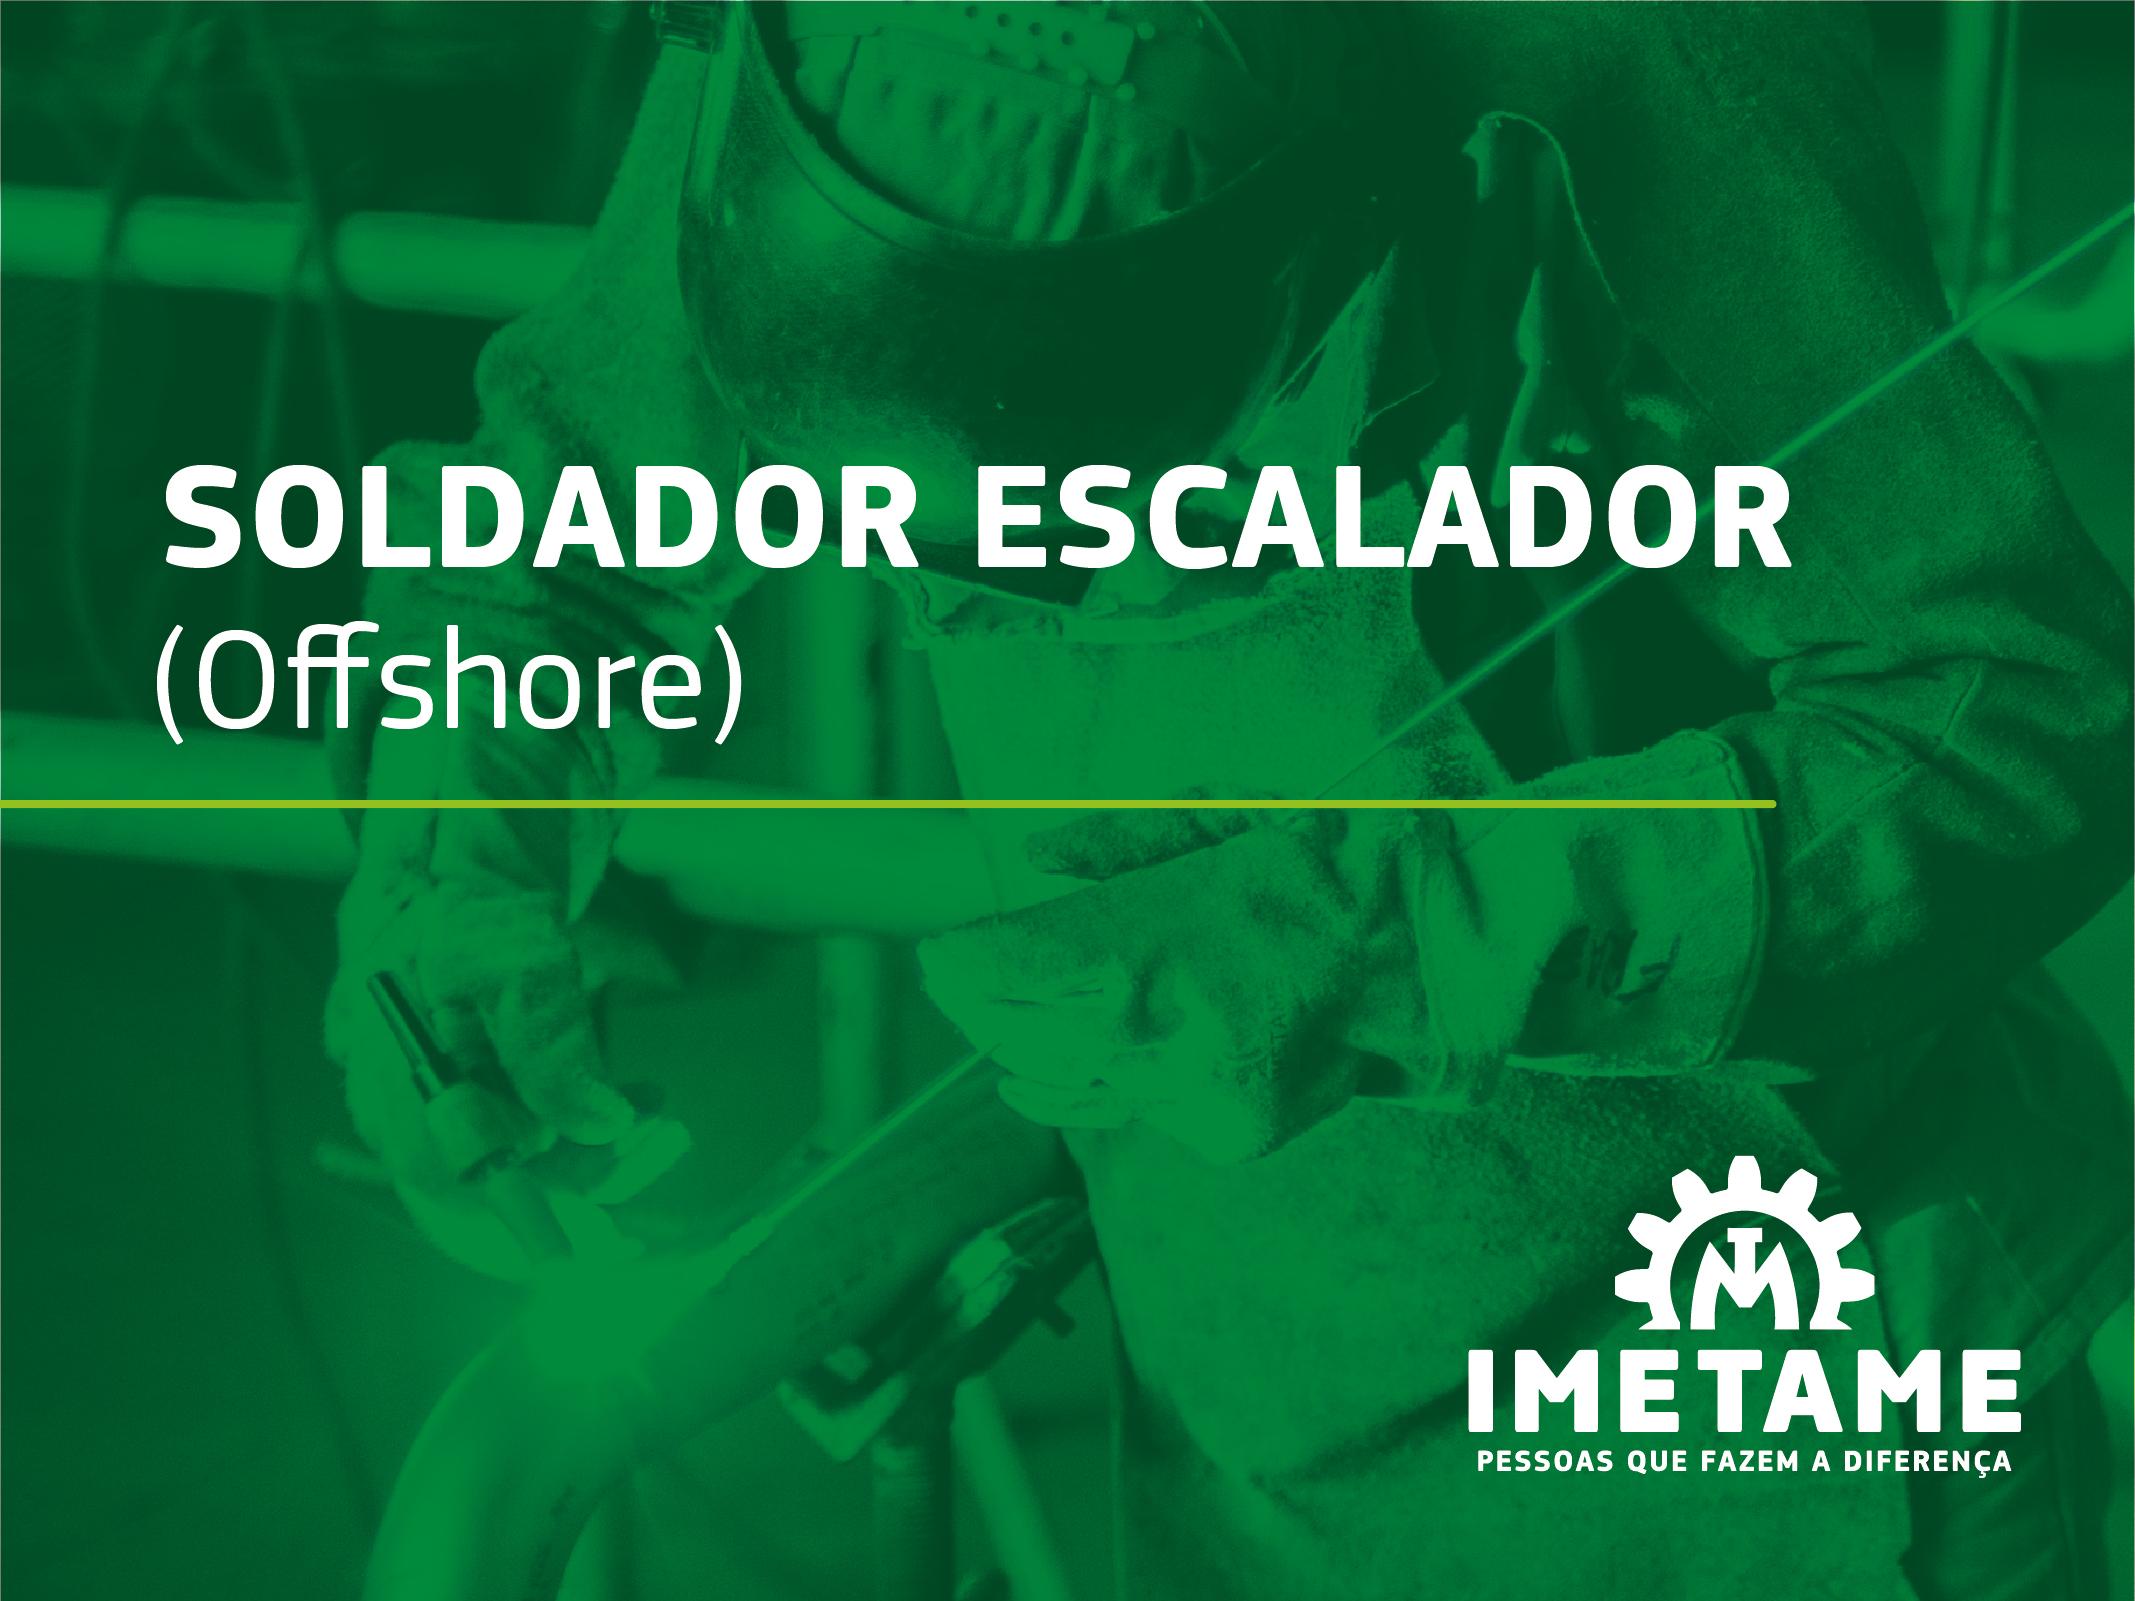 Soldador Escalador – Offshore